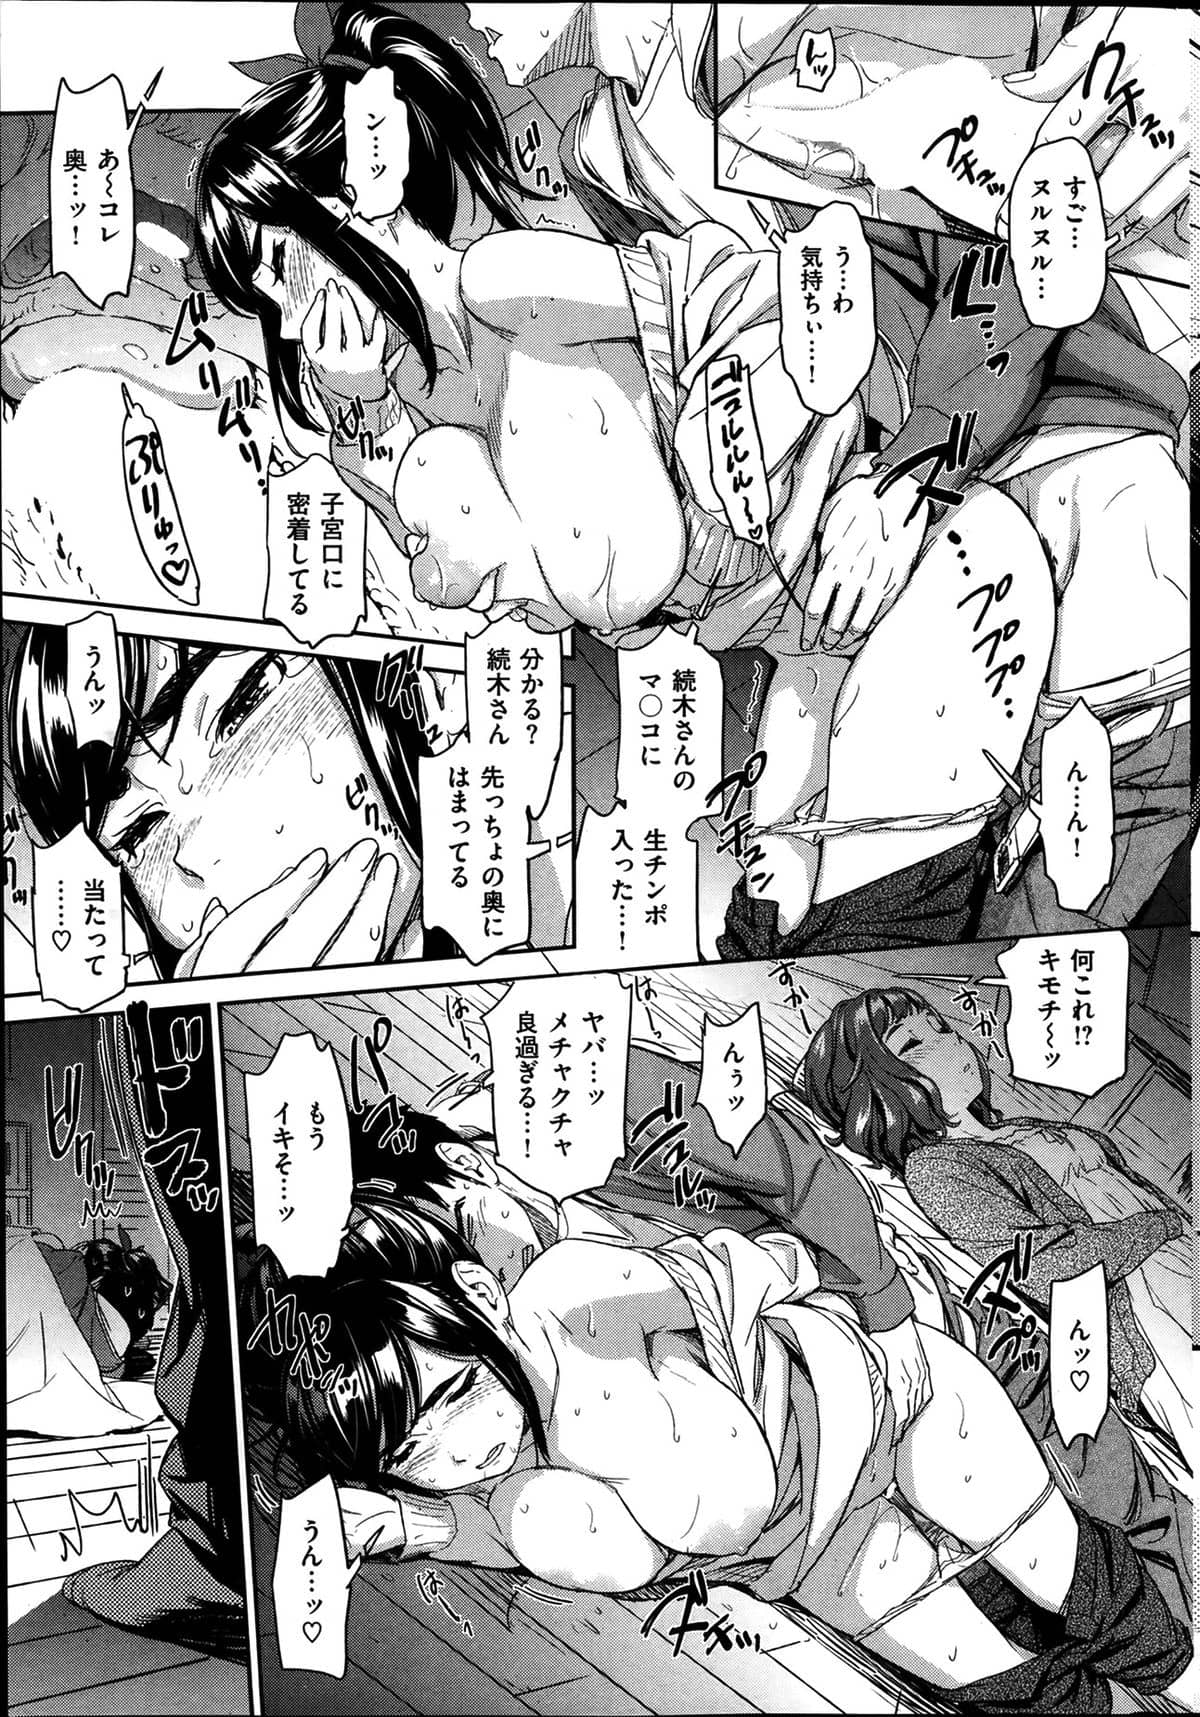 鳴子ハナハルのエロ漫画の一覧ページ エロ同人誌エロ漫画の